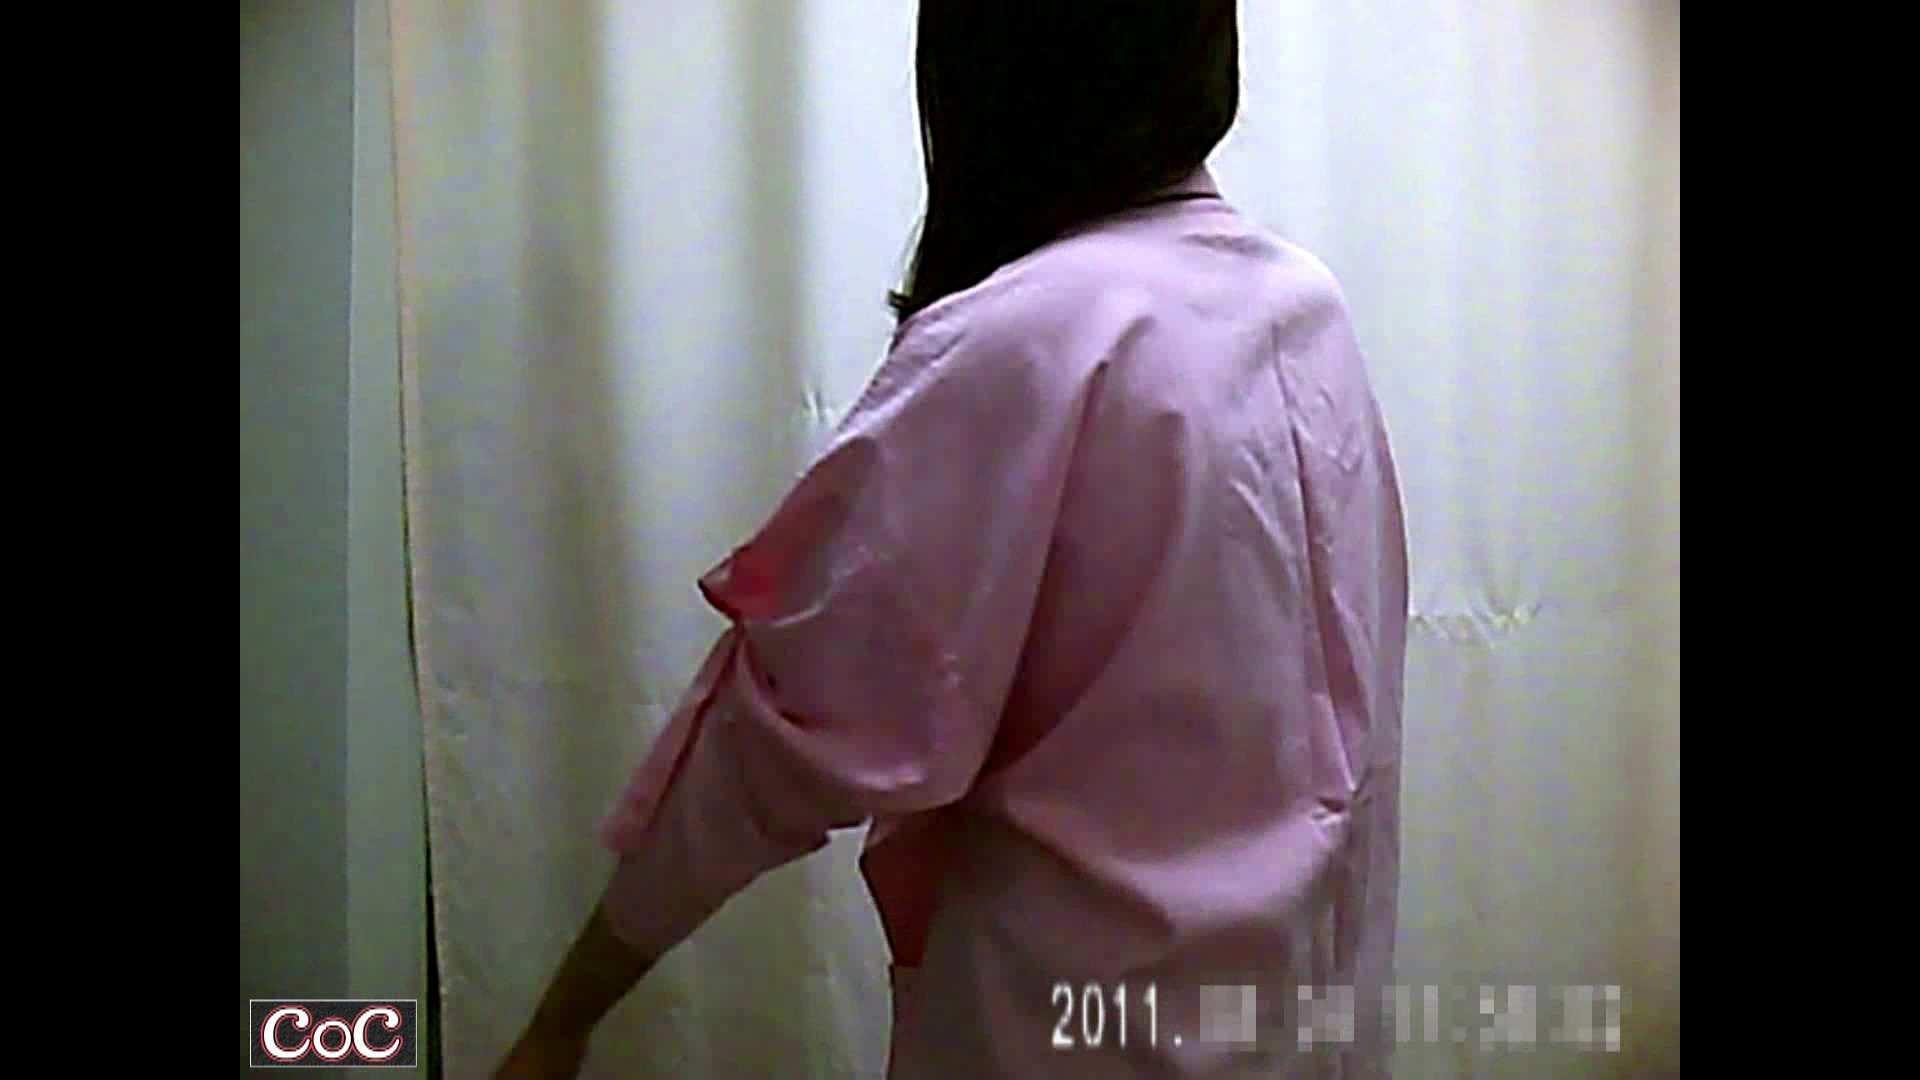 病院おもいっきり着替え! vol.10 おっぱい オマンコ無修正動画無料 101画像 52